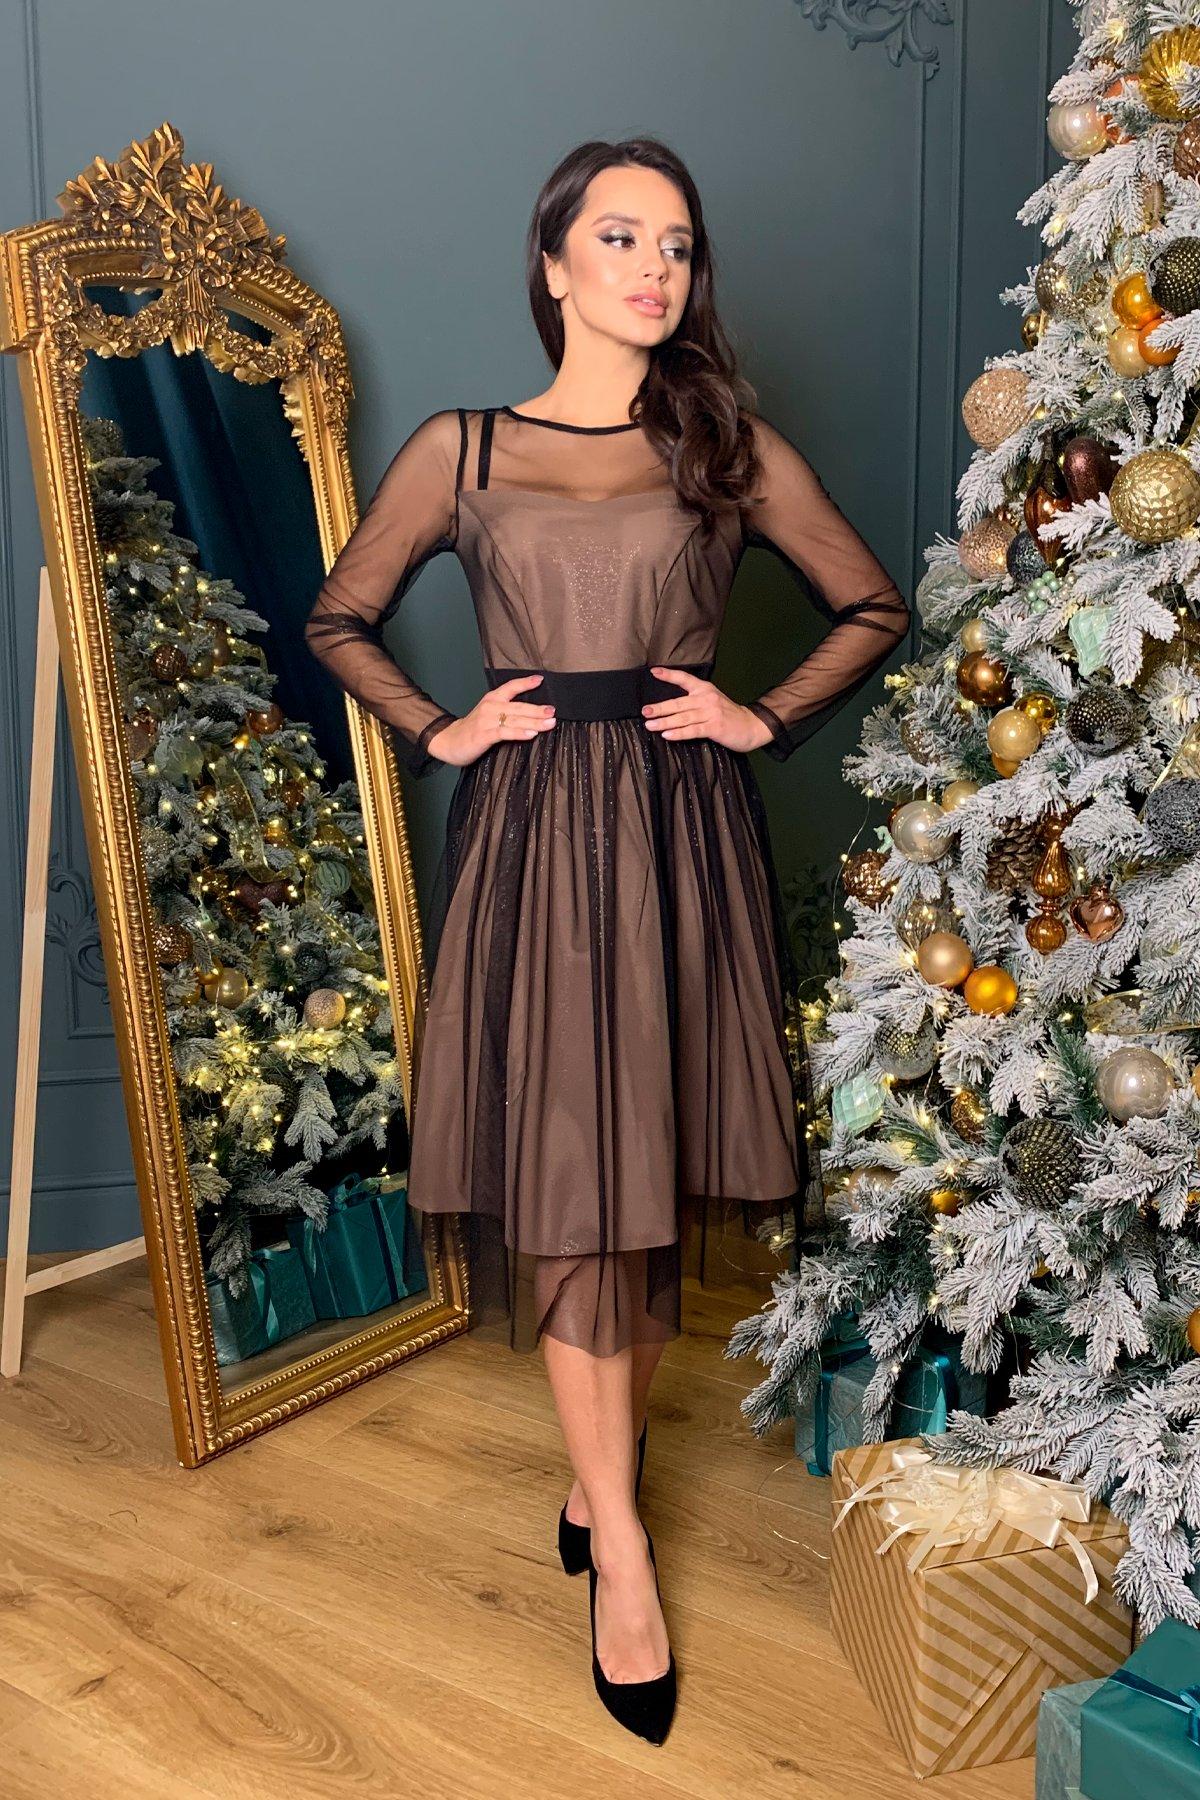 Купить платье оптом Украина Modus Платье миди длины с юбкой солнце-клеш Роял 8681